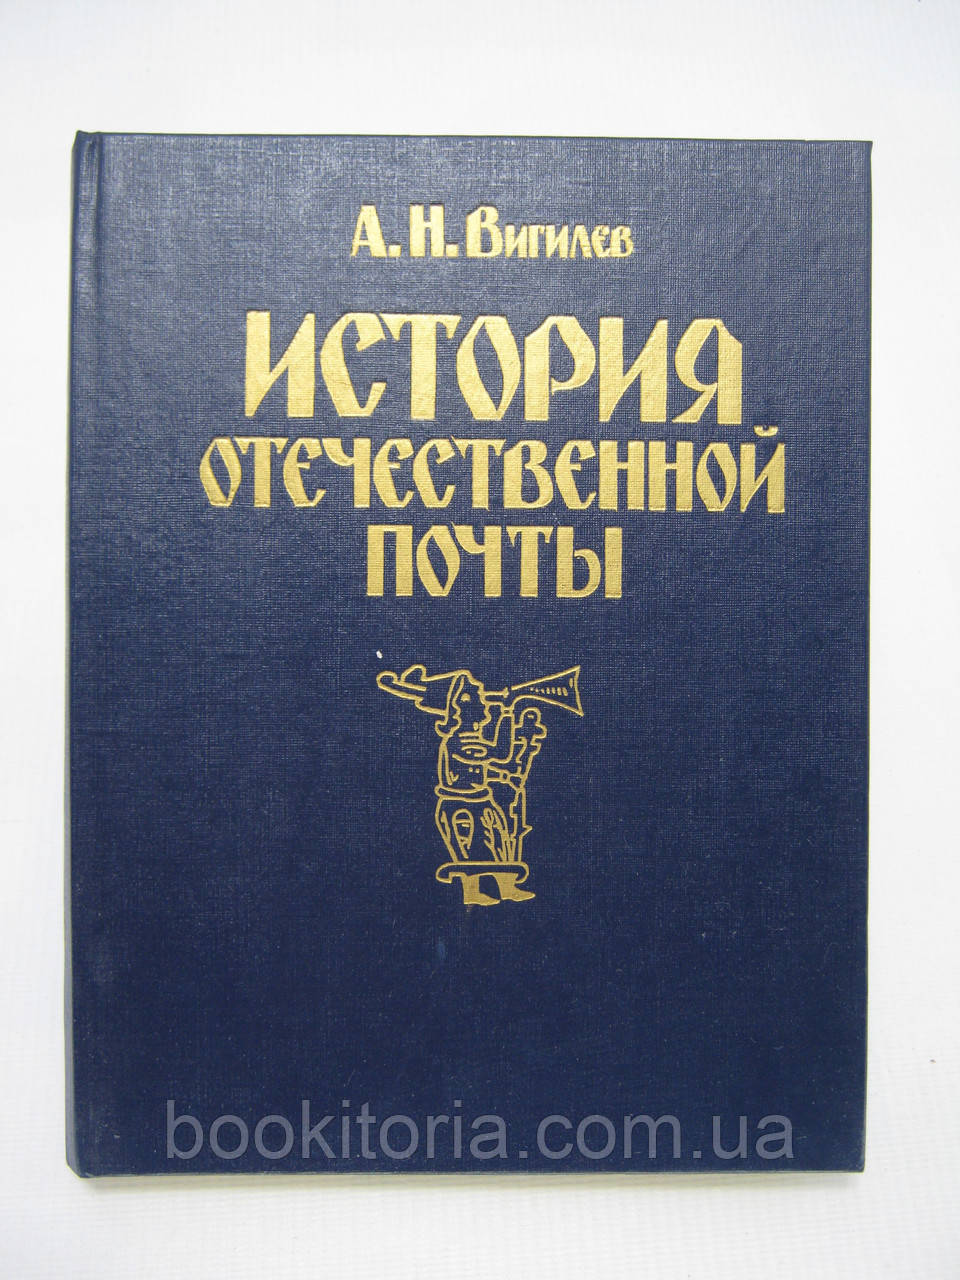 Вигилев А.Н. История отечественной почты (б/у).